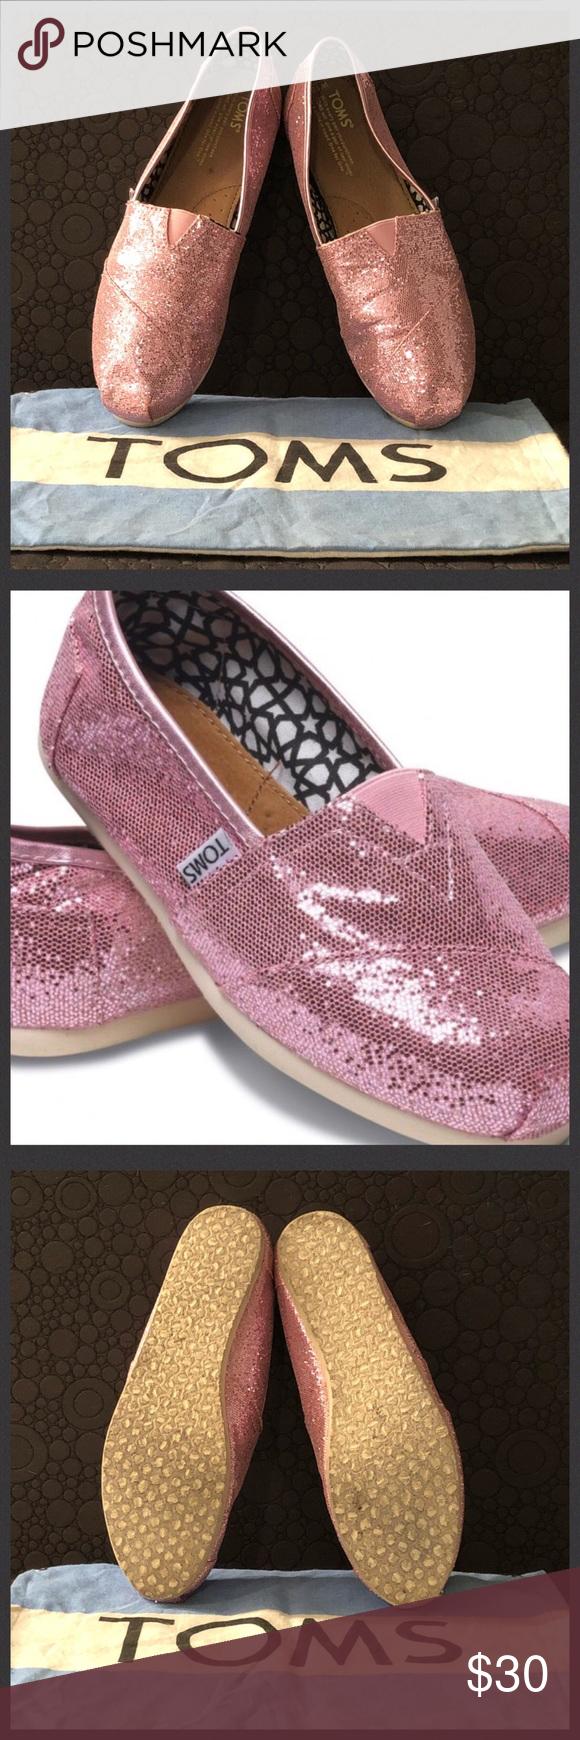 """ed250a0bab32 TOMS Pink Glitter Women's Classic Slip-Ons • TOMS Classic Canvas slip ons • Women's  size 10 • Pink glitter upper • Elastic """"V"""" for easy on/off • Molded ..."""